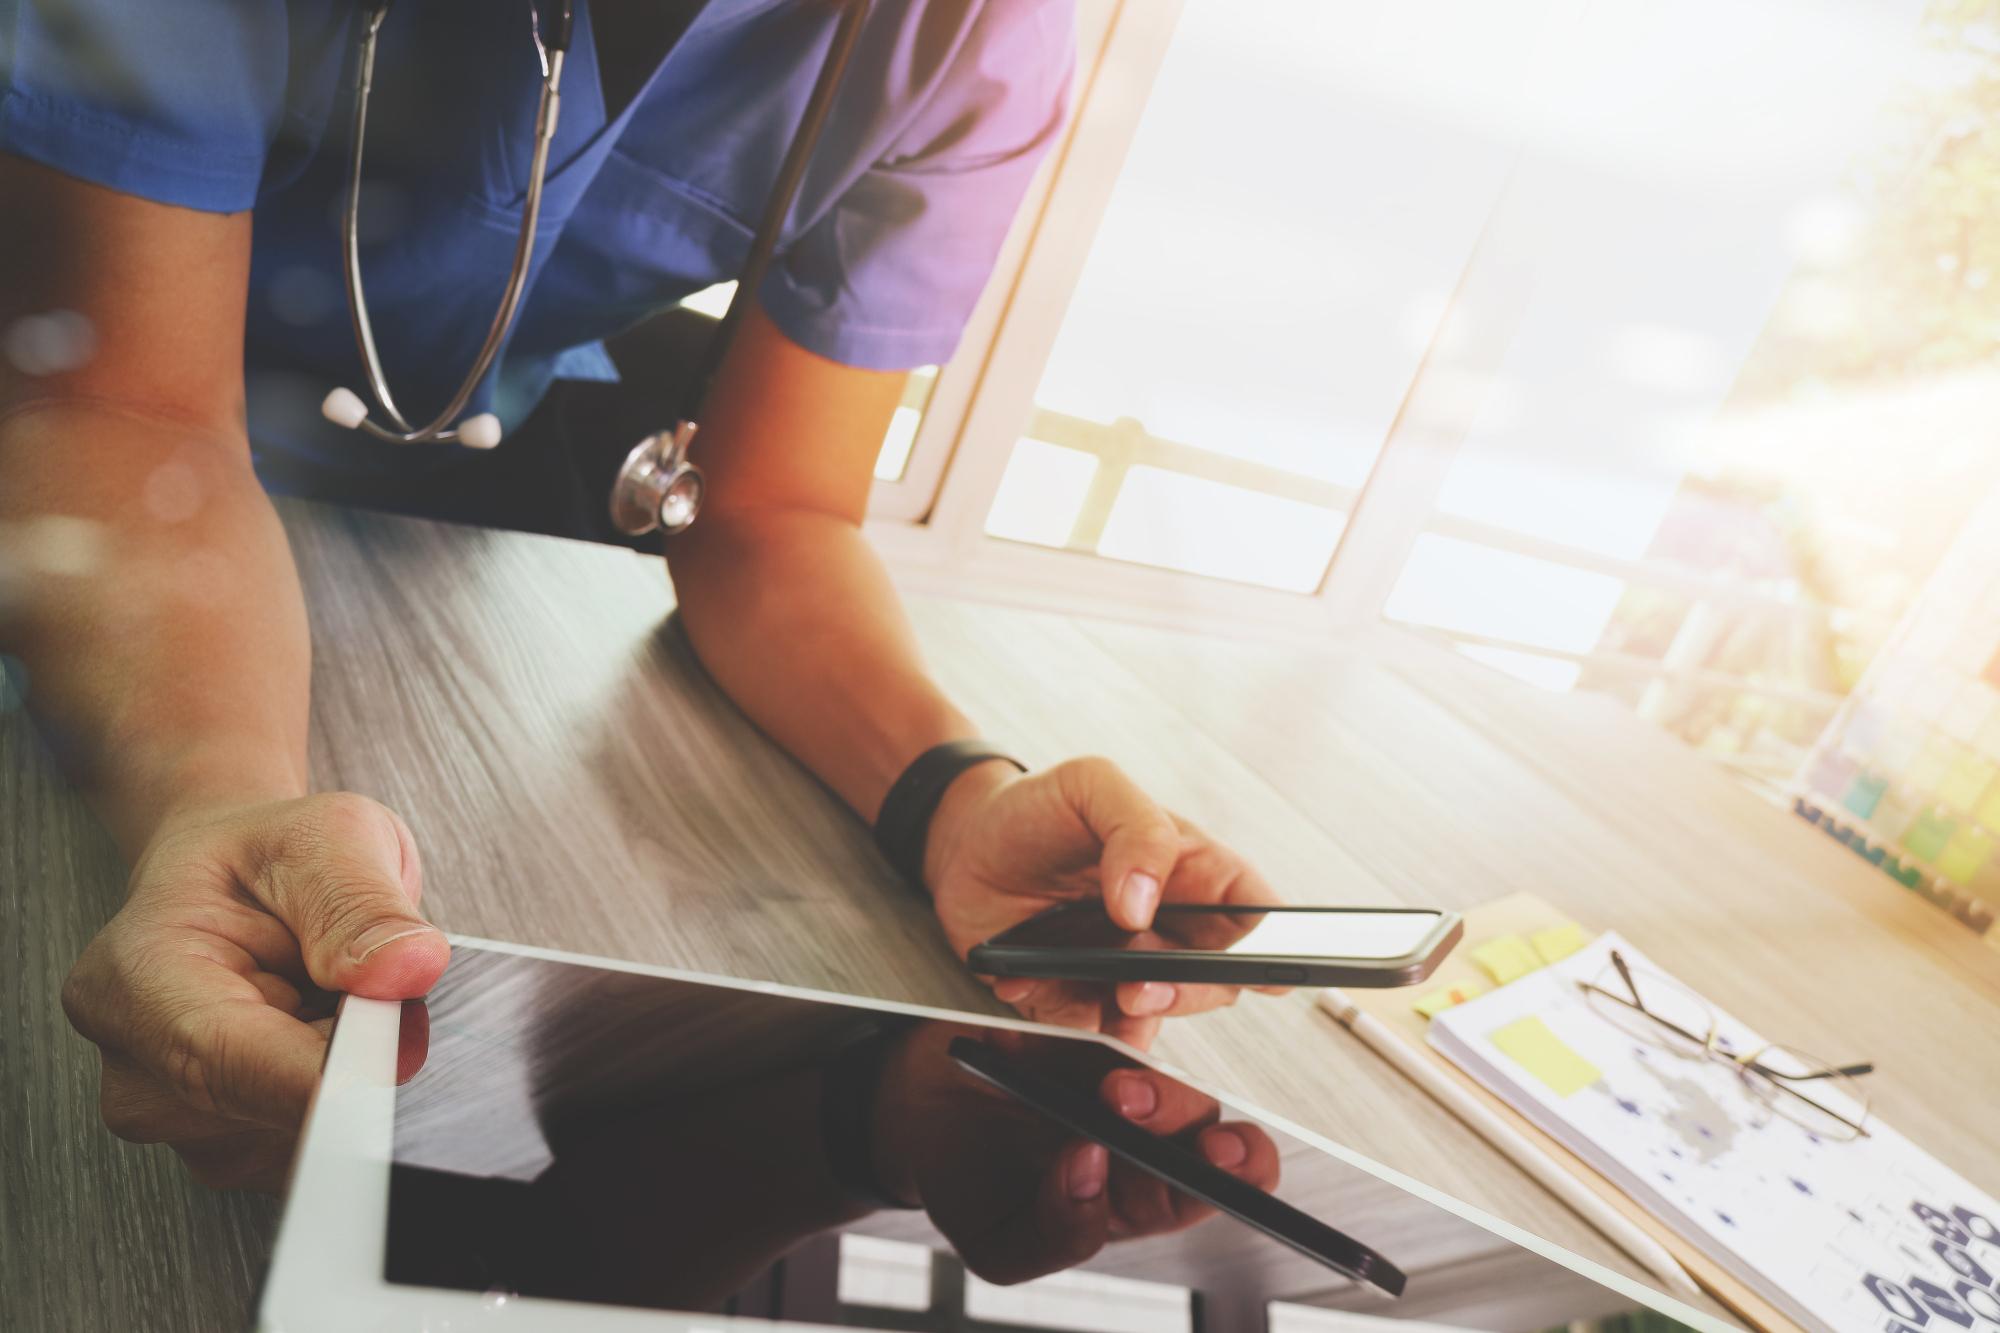 「チャットボット型電子カルテ」は医師と患者のコミュニケーション問題をクリアする!医療系AIスタートアップのNAMが提供を開始